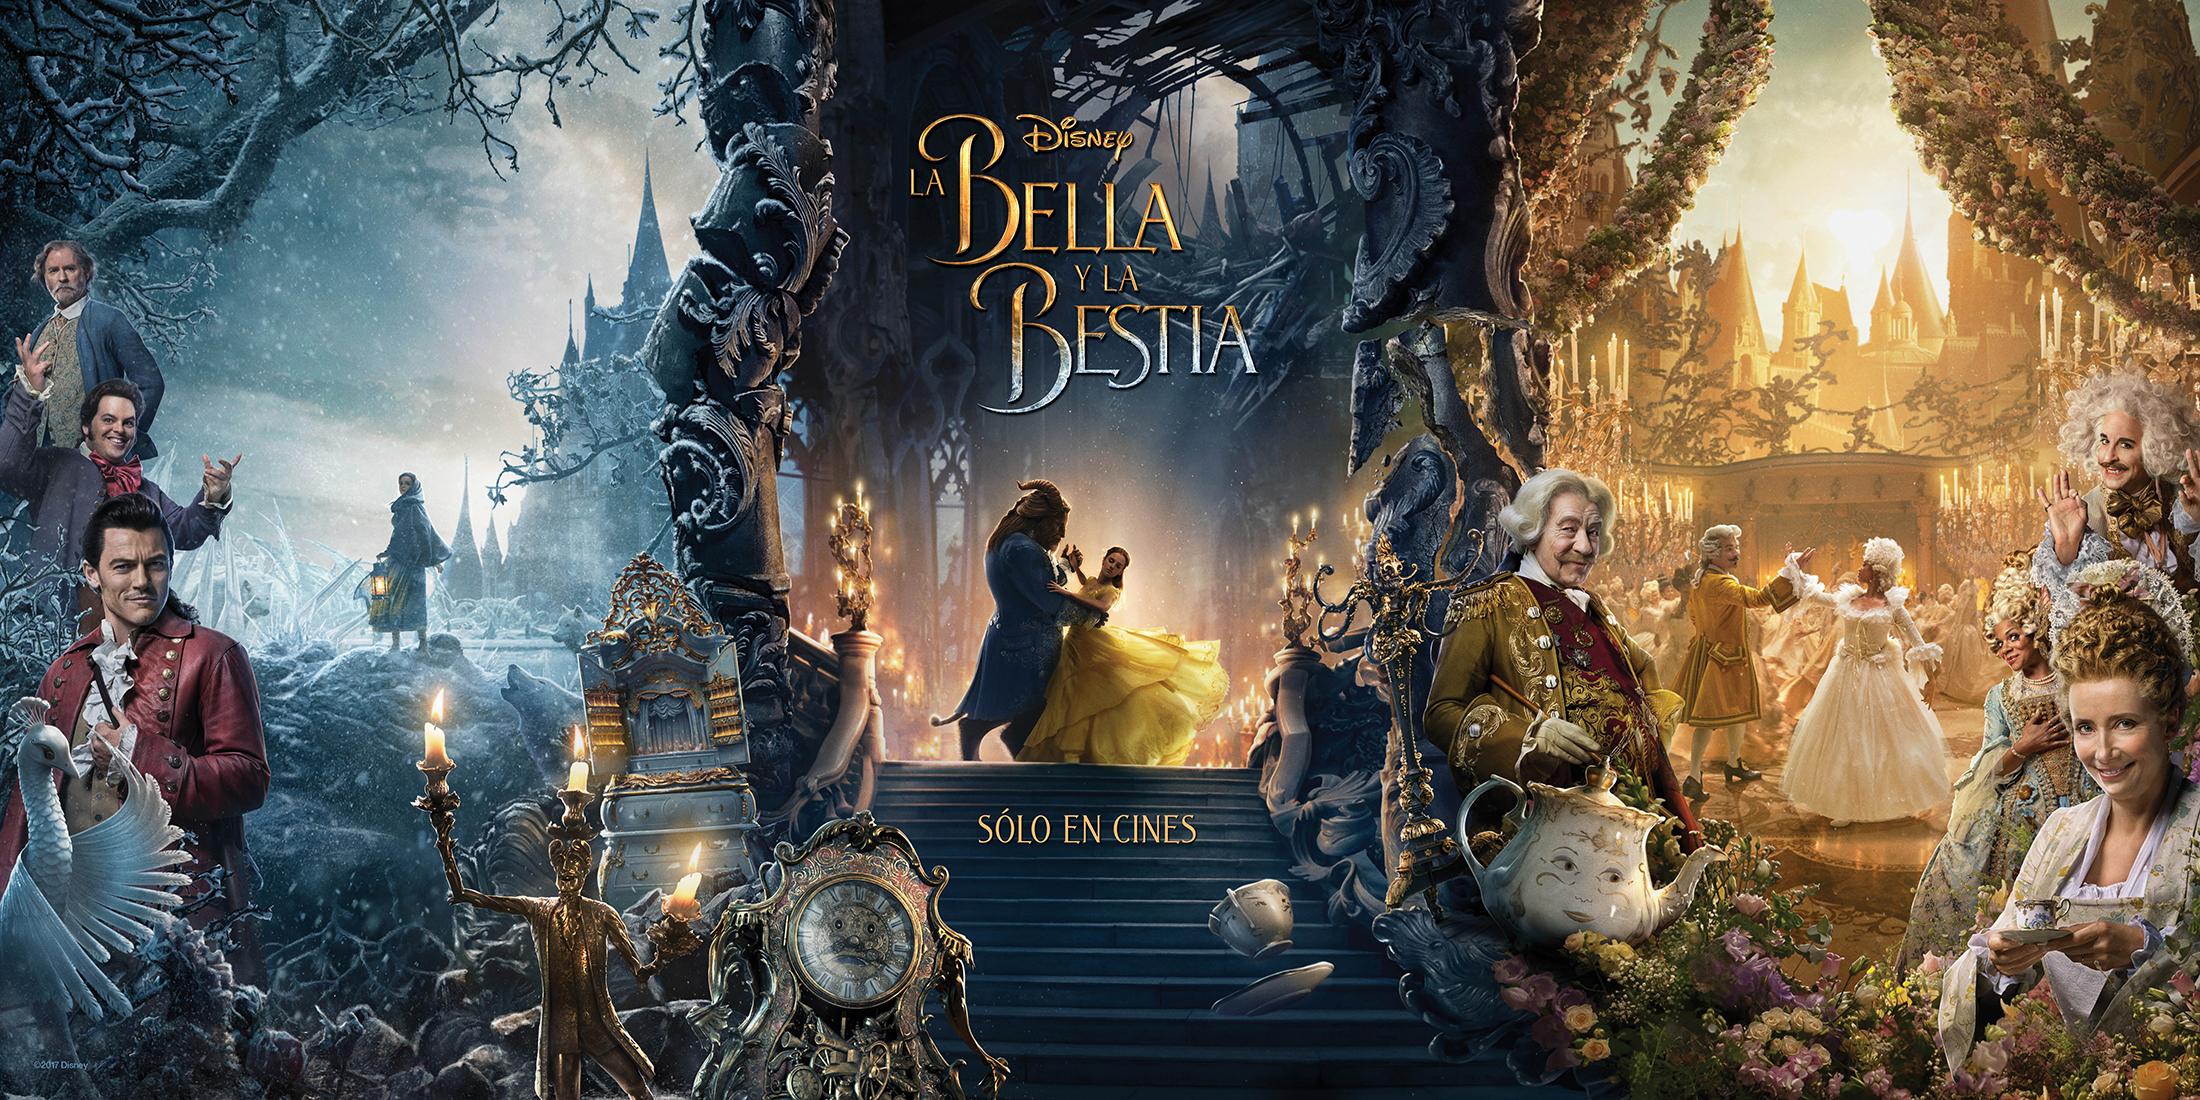 La Bella y la Bestia Mega Español Latino Disney cuentos de adas princesas pelicula descargar gratis mega español latino